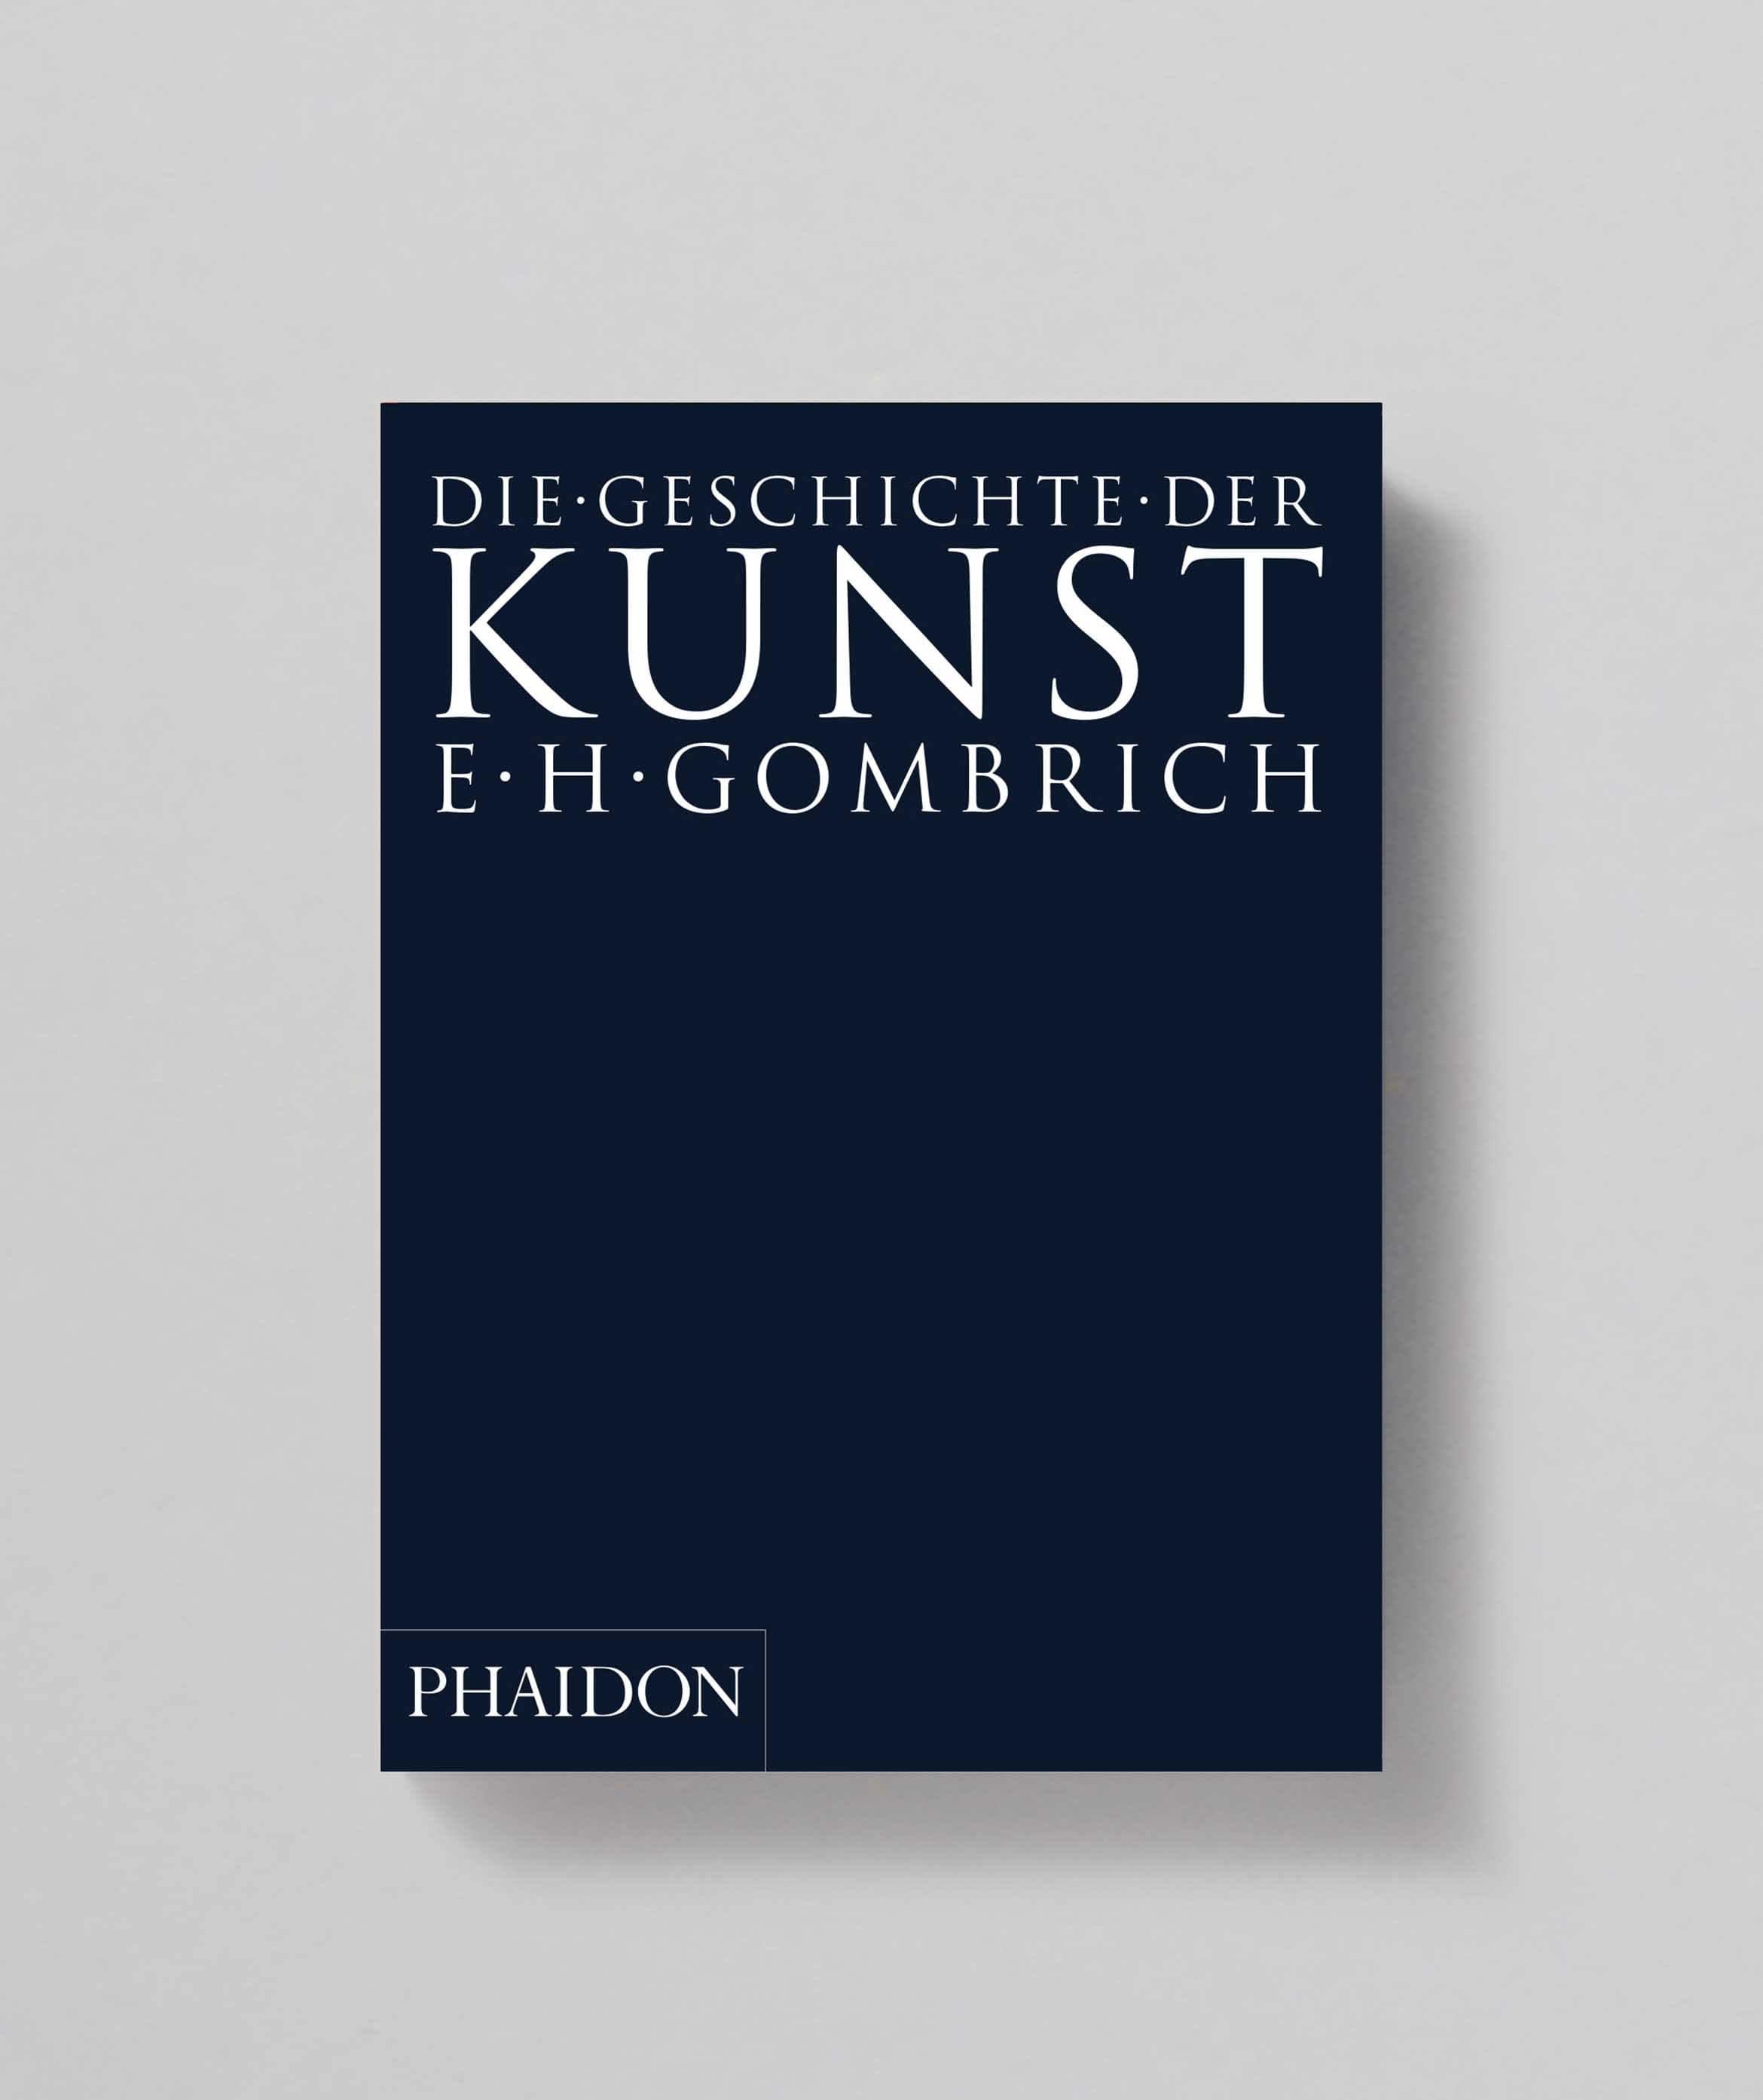 gombrich_die_geschichte_der_kunst_cover01